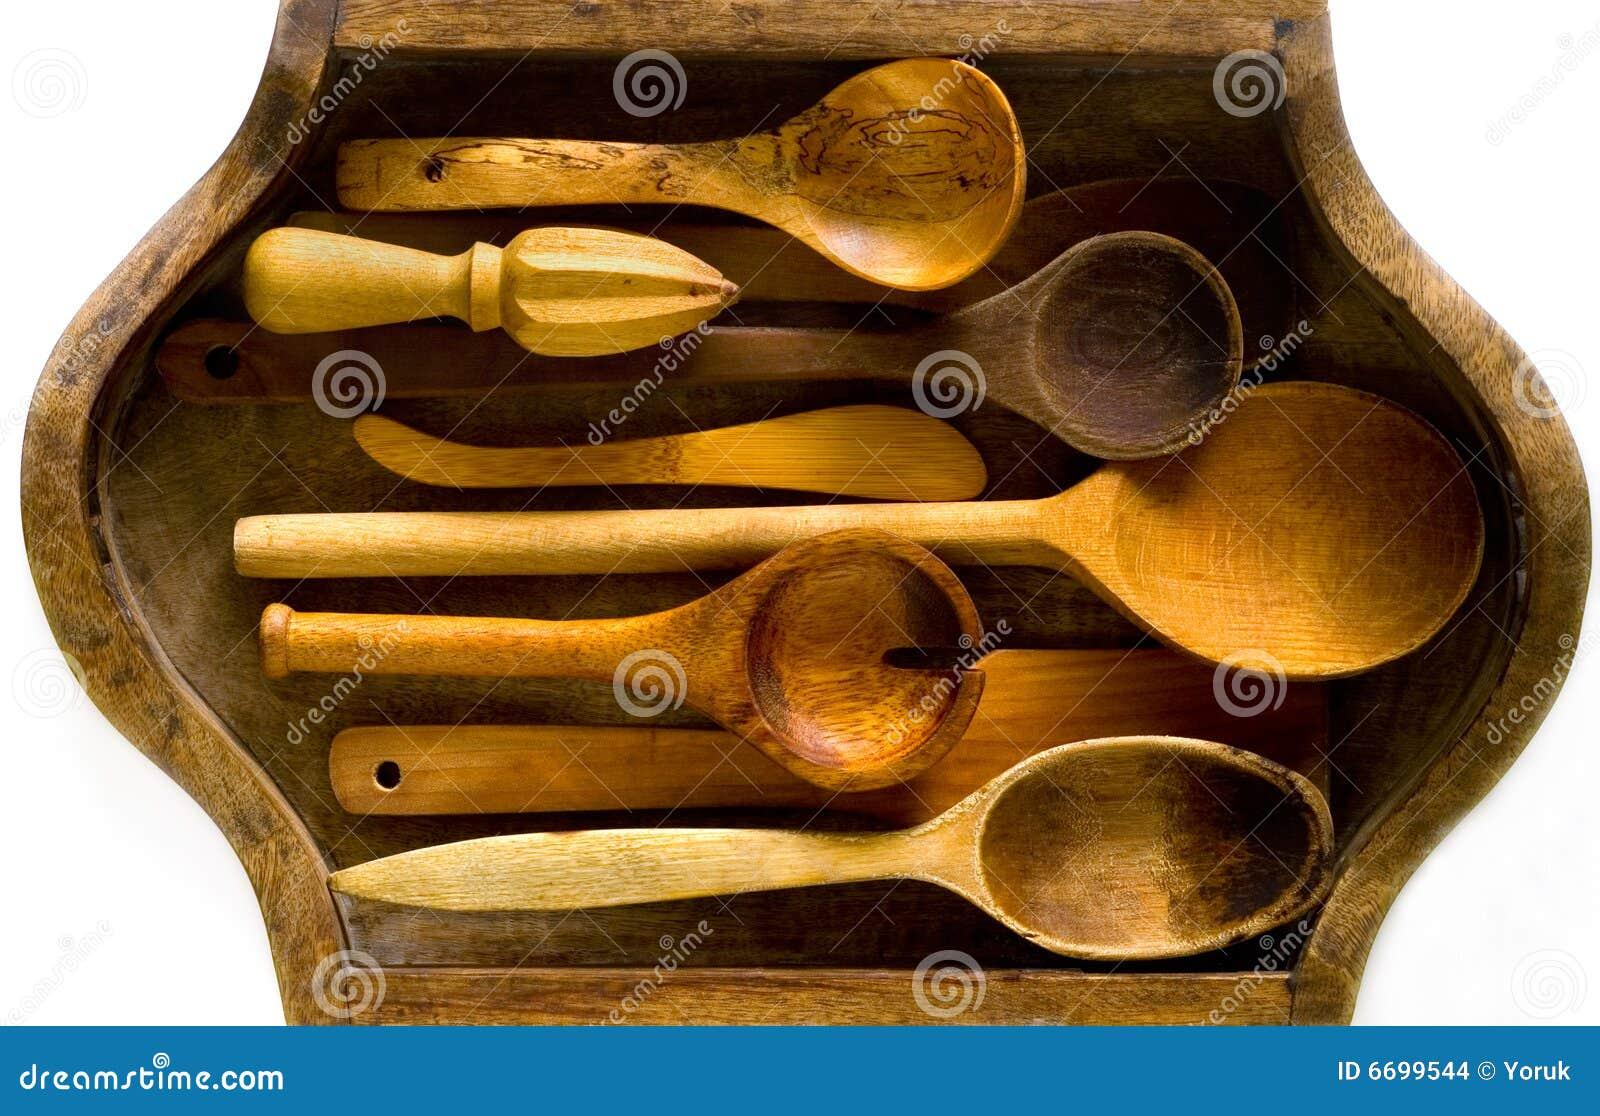 Utensilios de madera de la cocina imagenes de archivo for Utensilios de cocina viejos